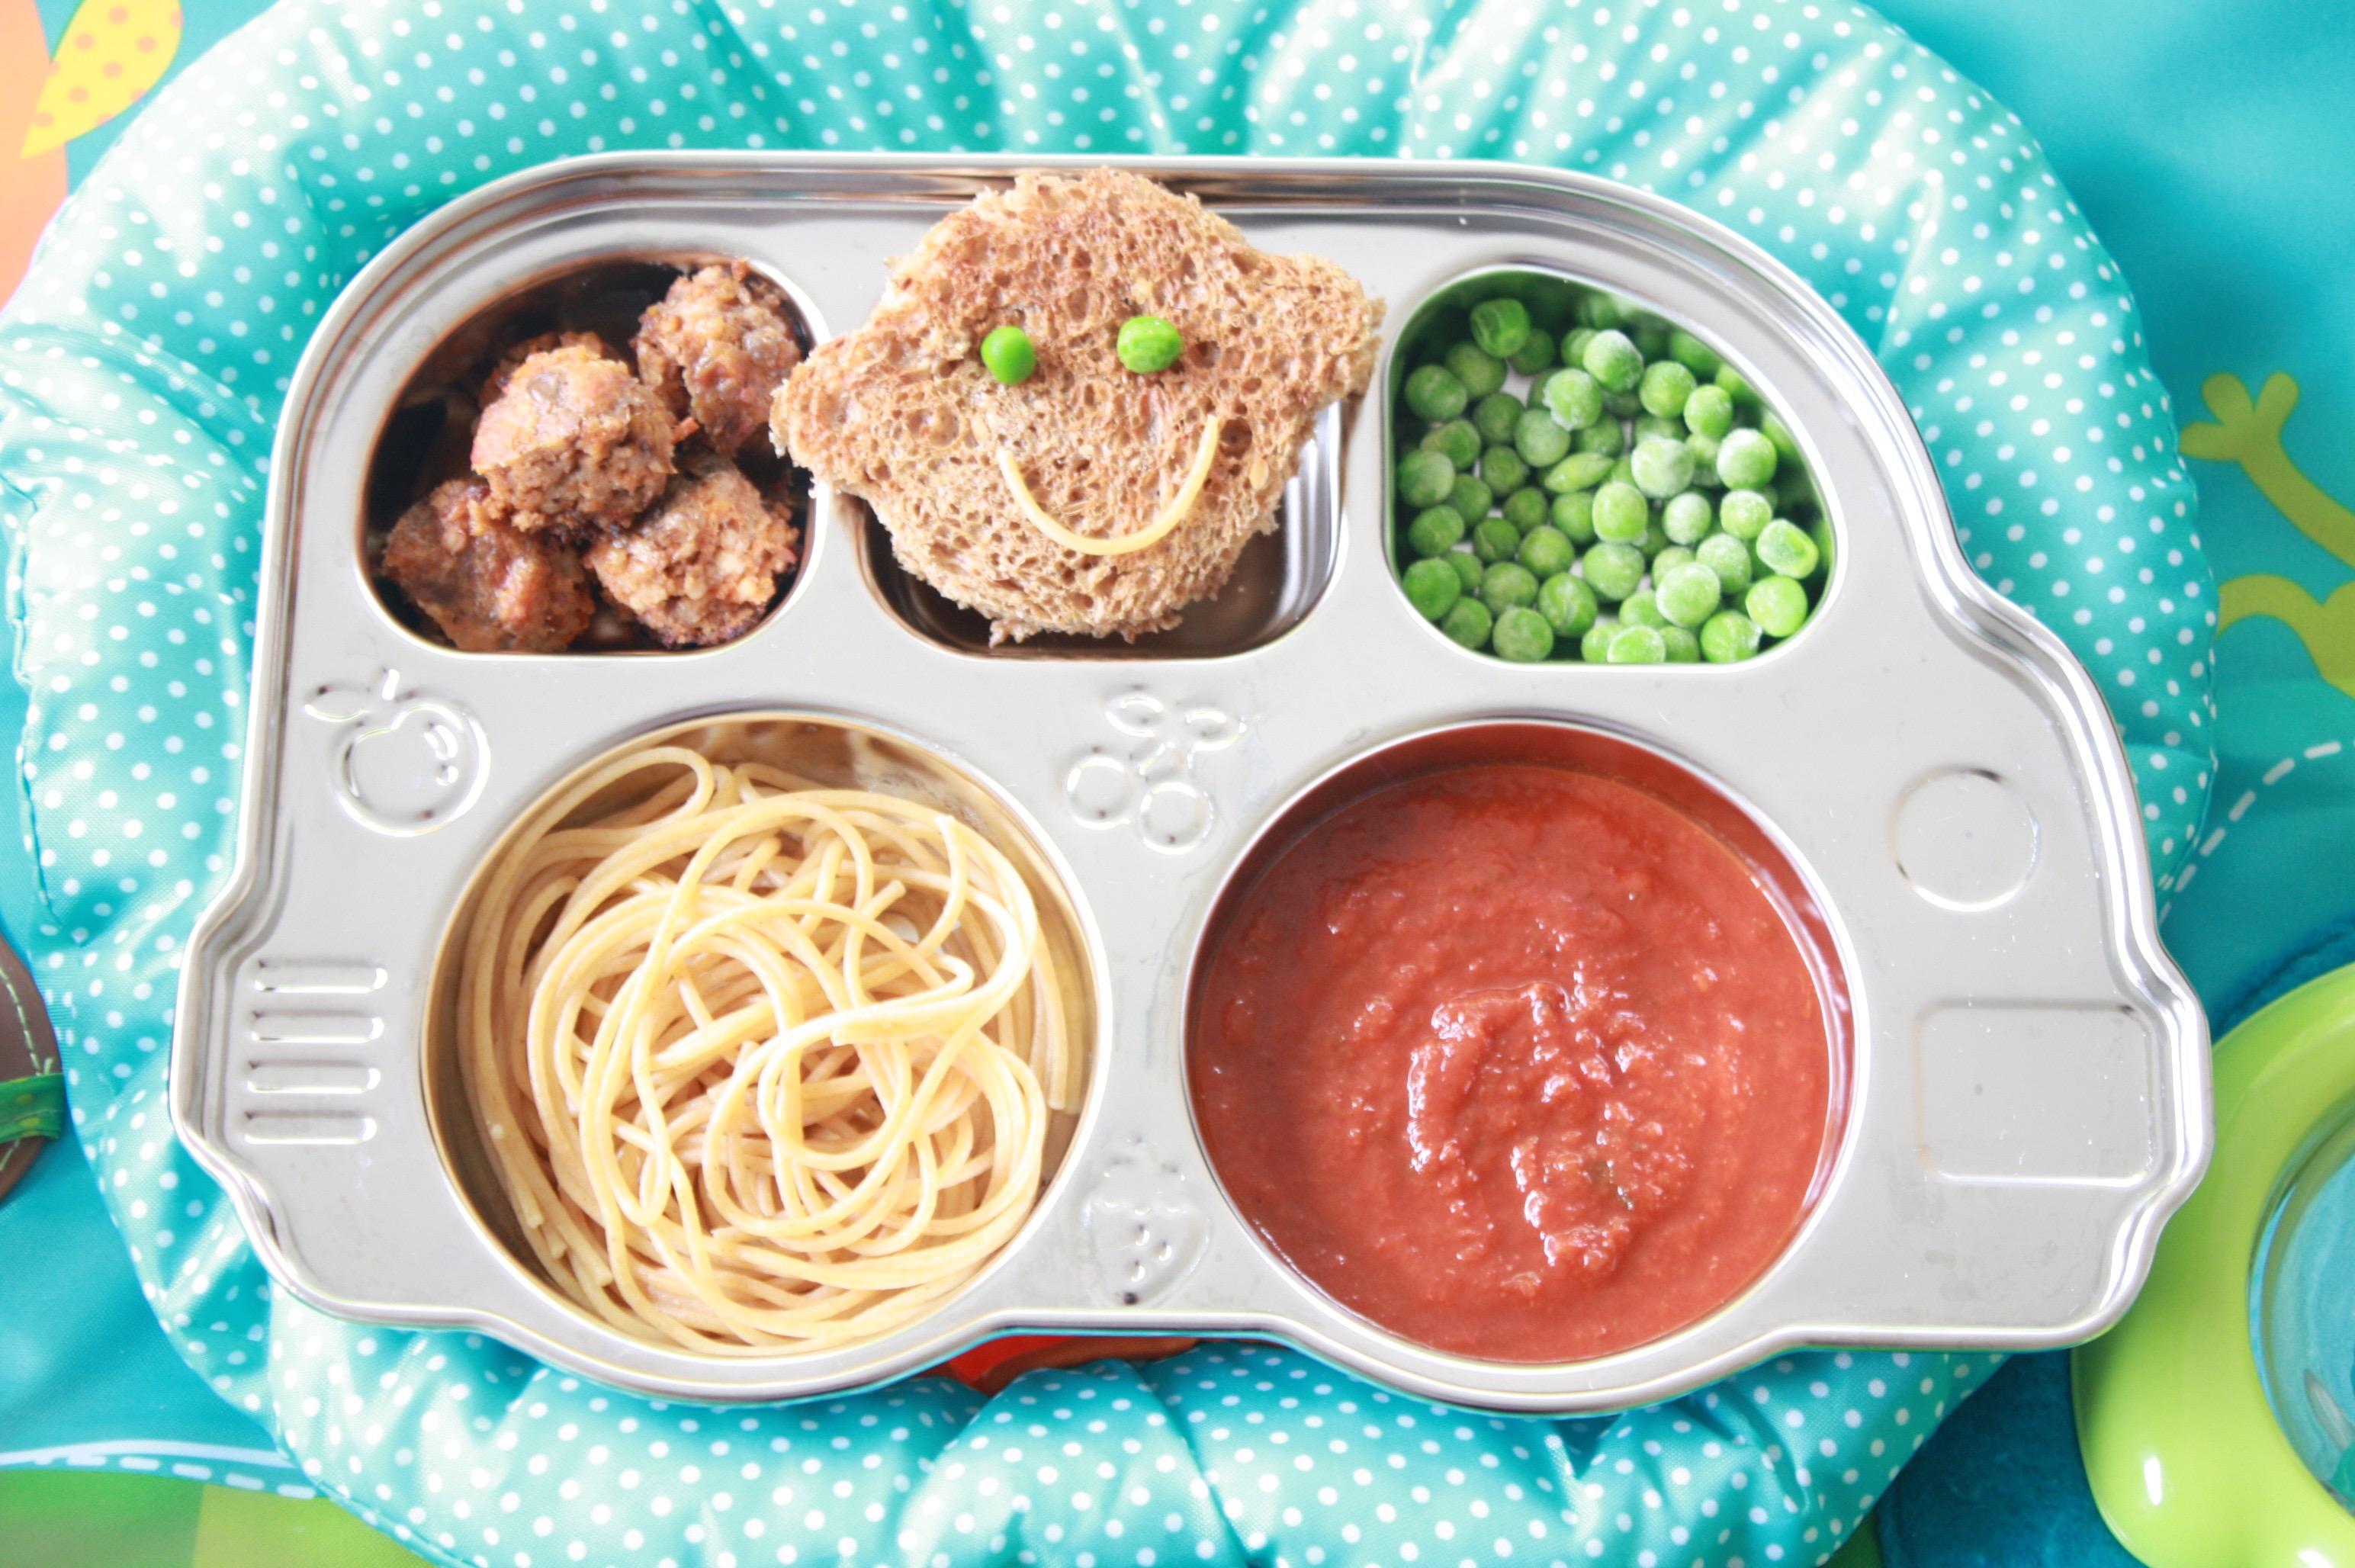 Make Your Own Spaghetti 2